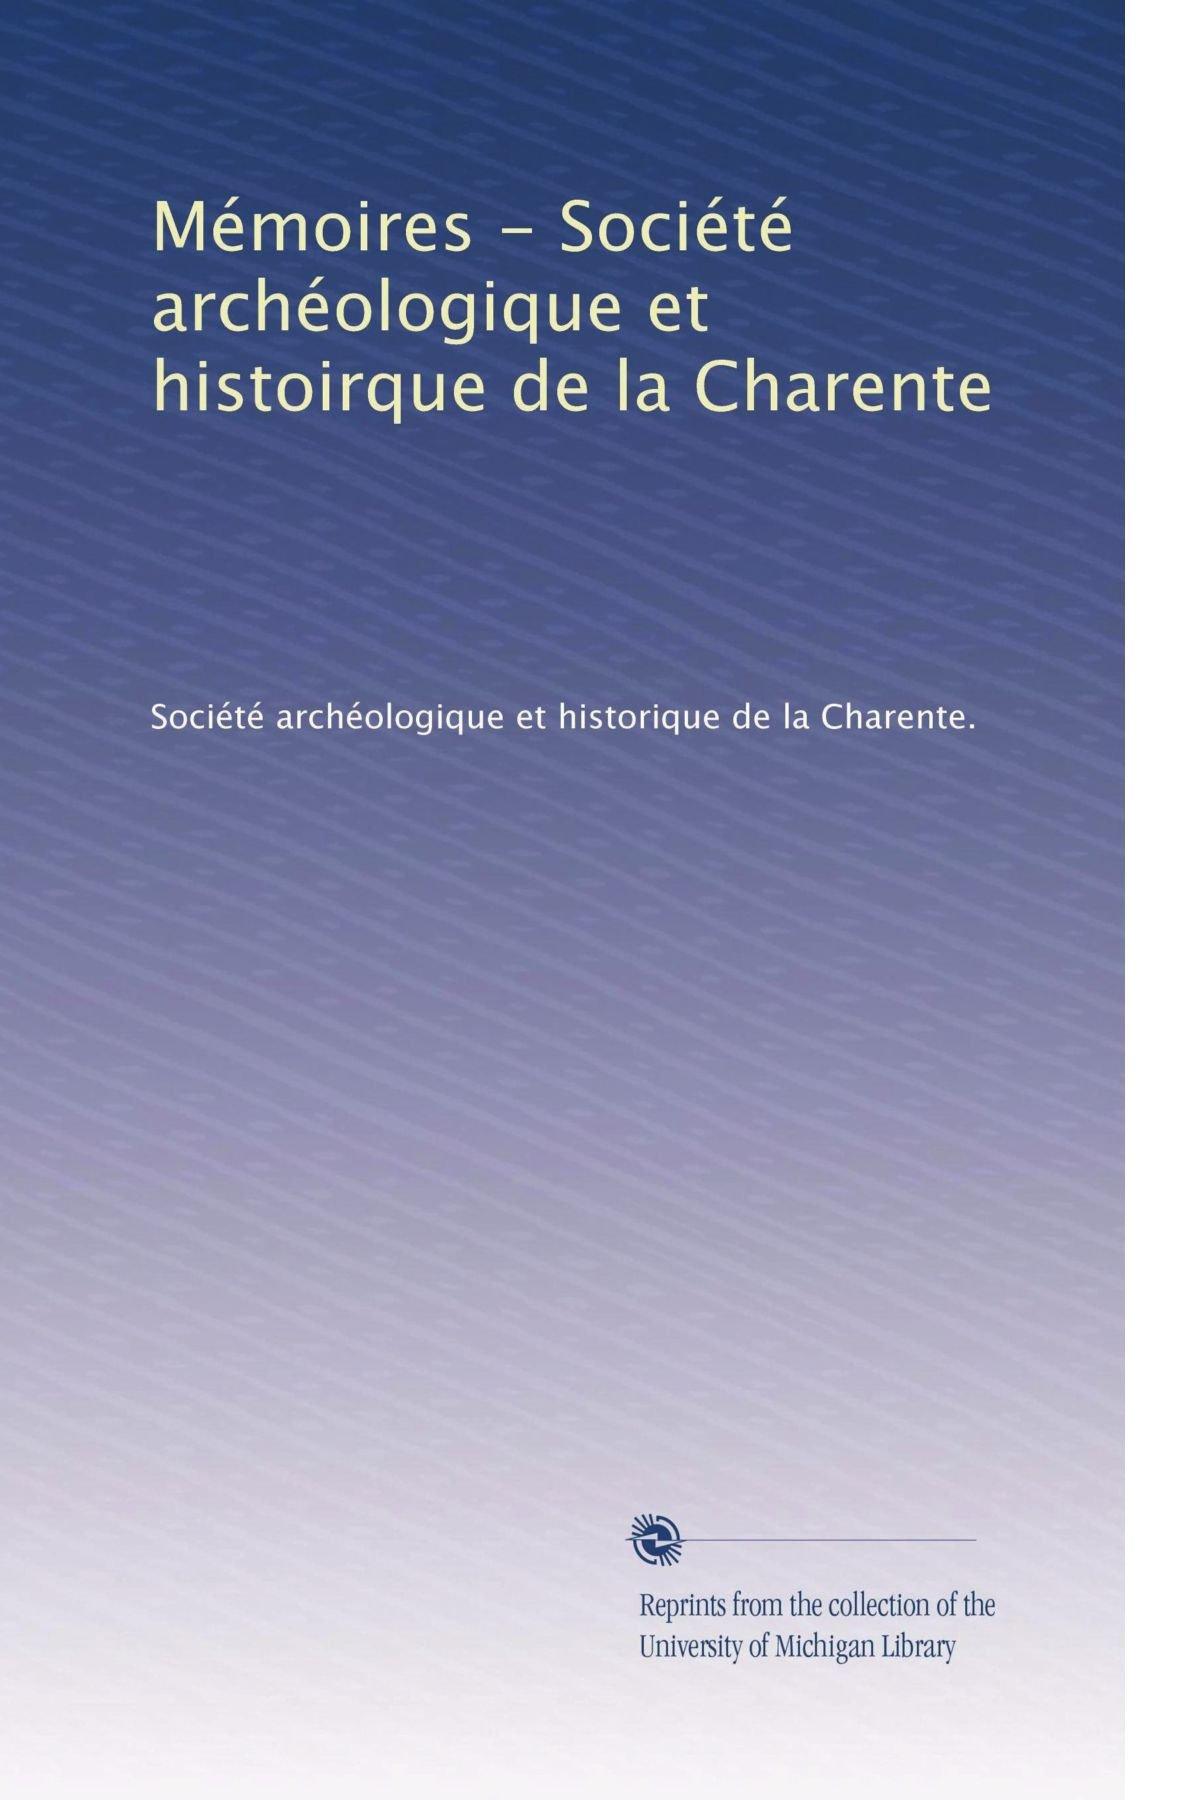 Download Mémoires - Société archéologique et histoirque de la Charente (Volume 30) (French Edition) PDF